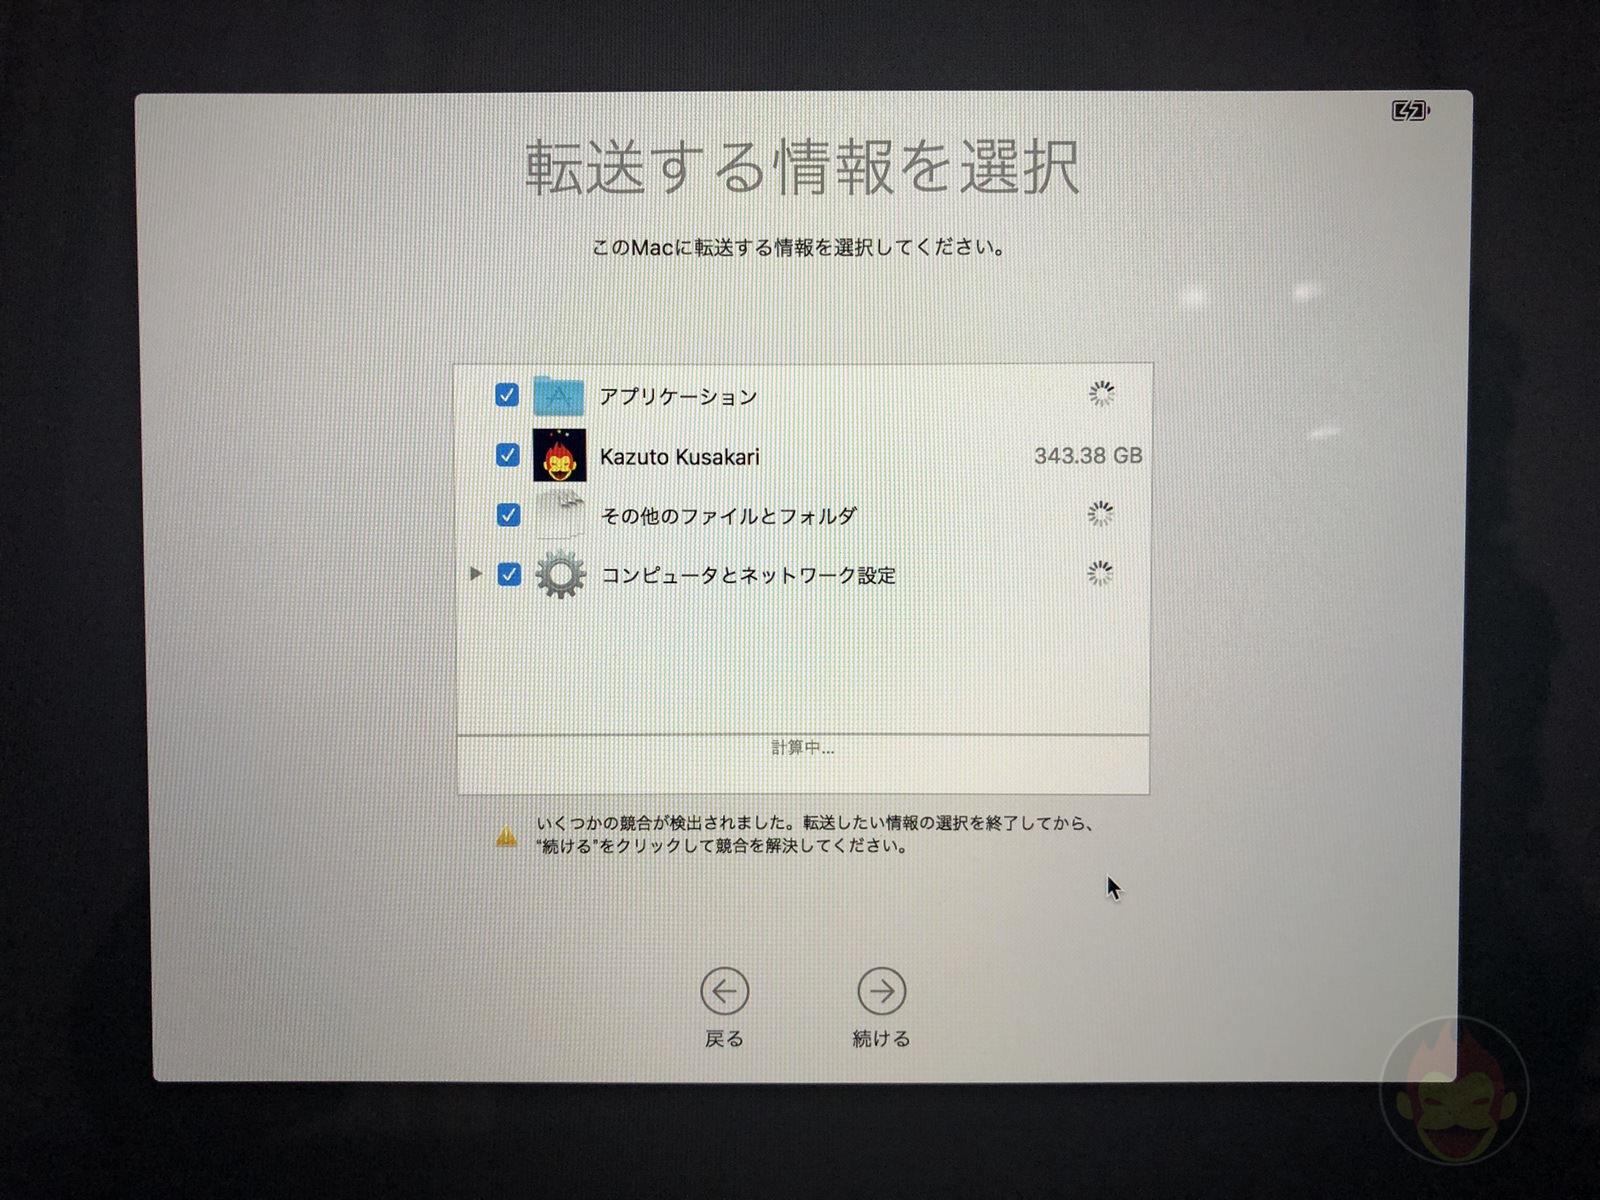 How-to-reset-macOS-on-Mac-53.jpg